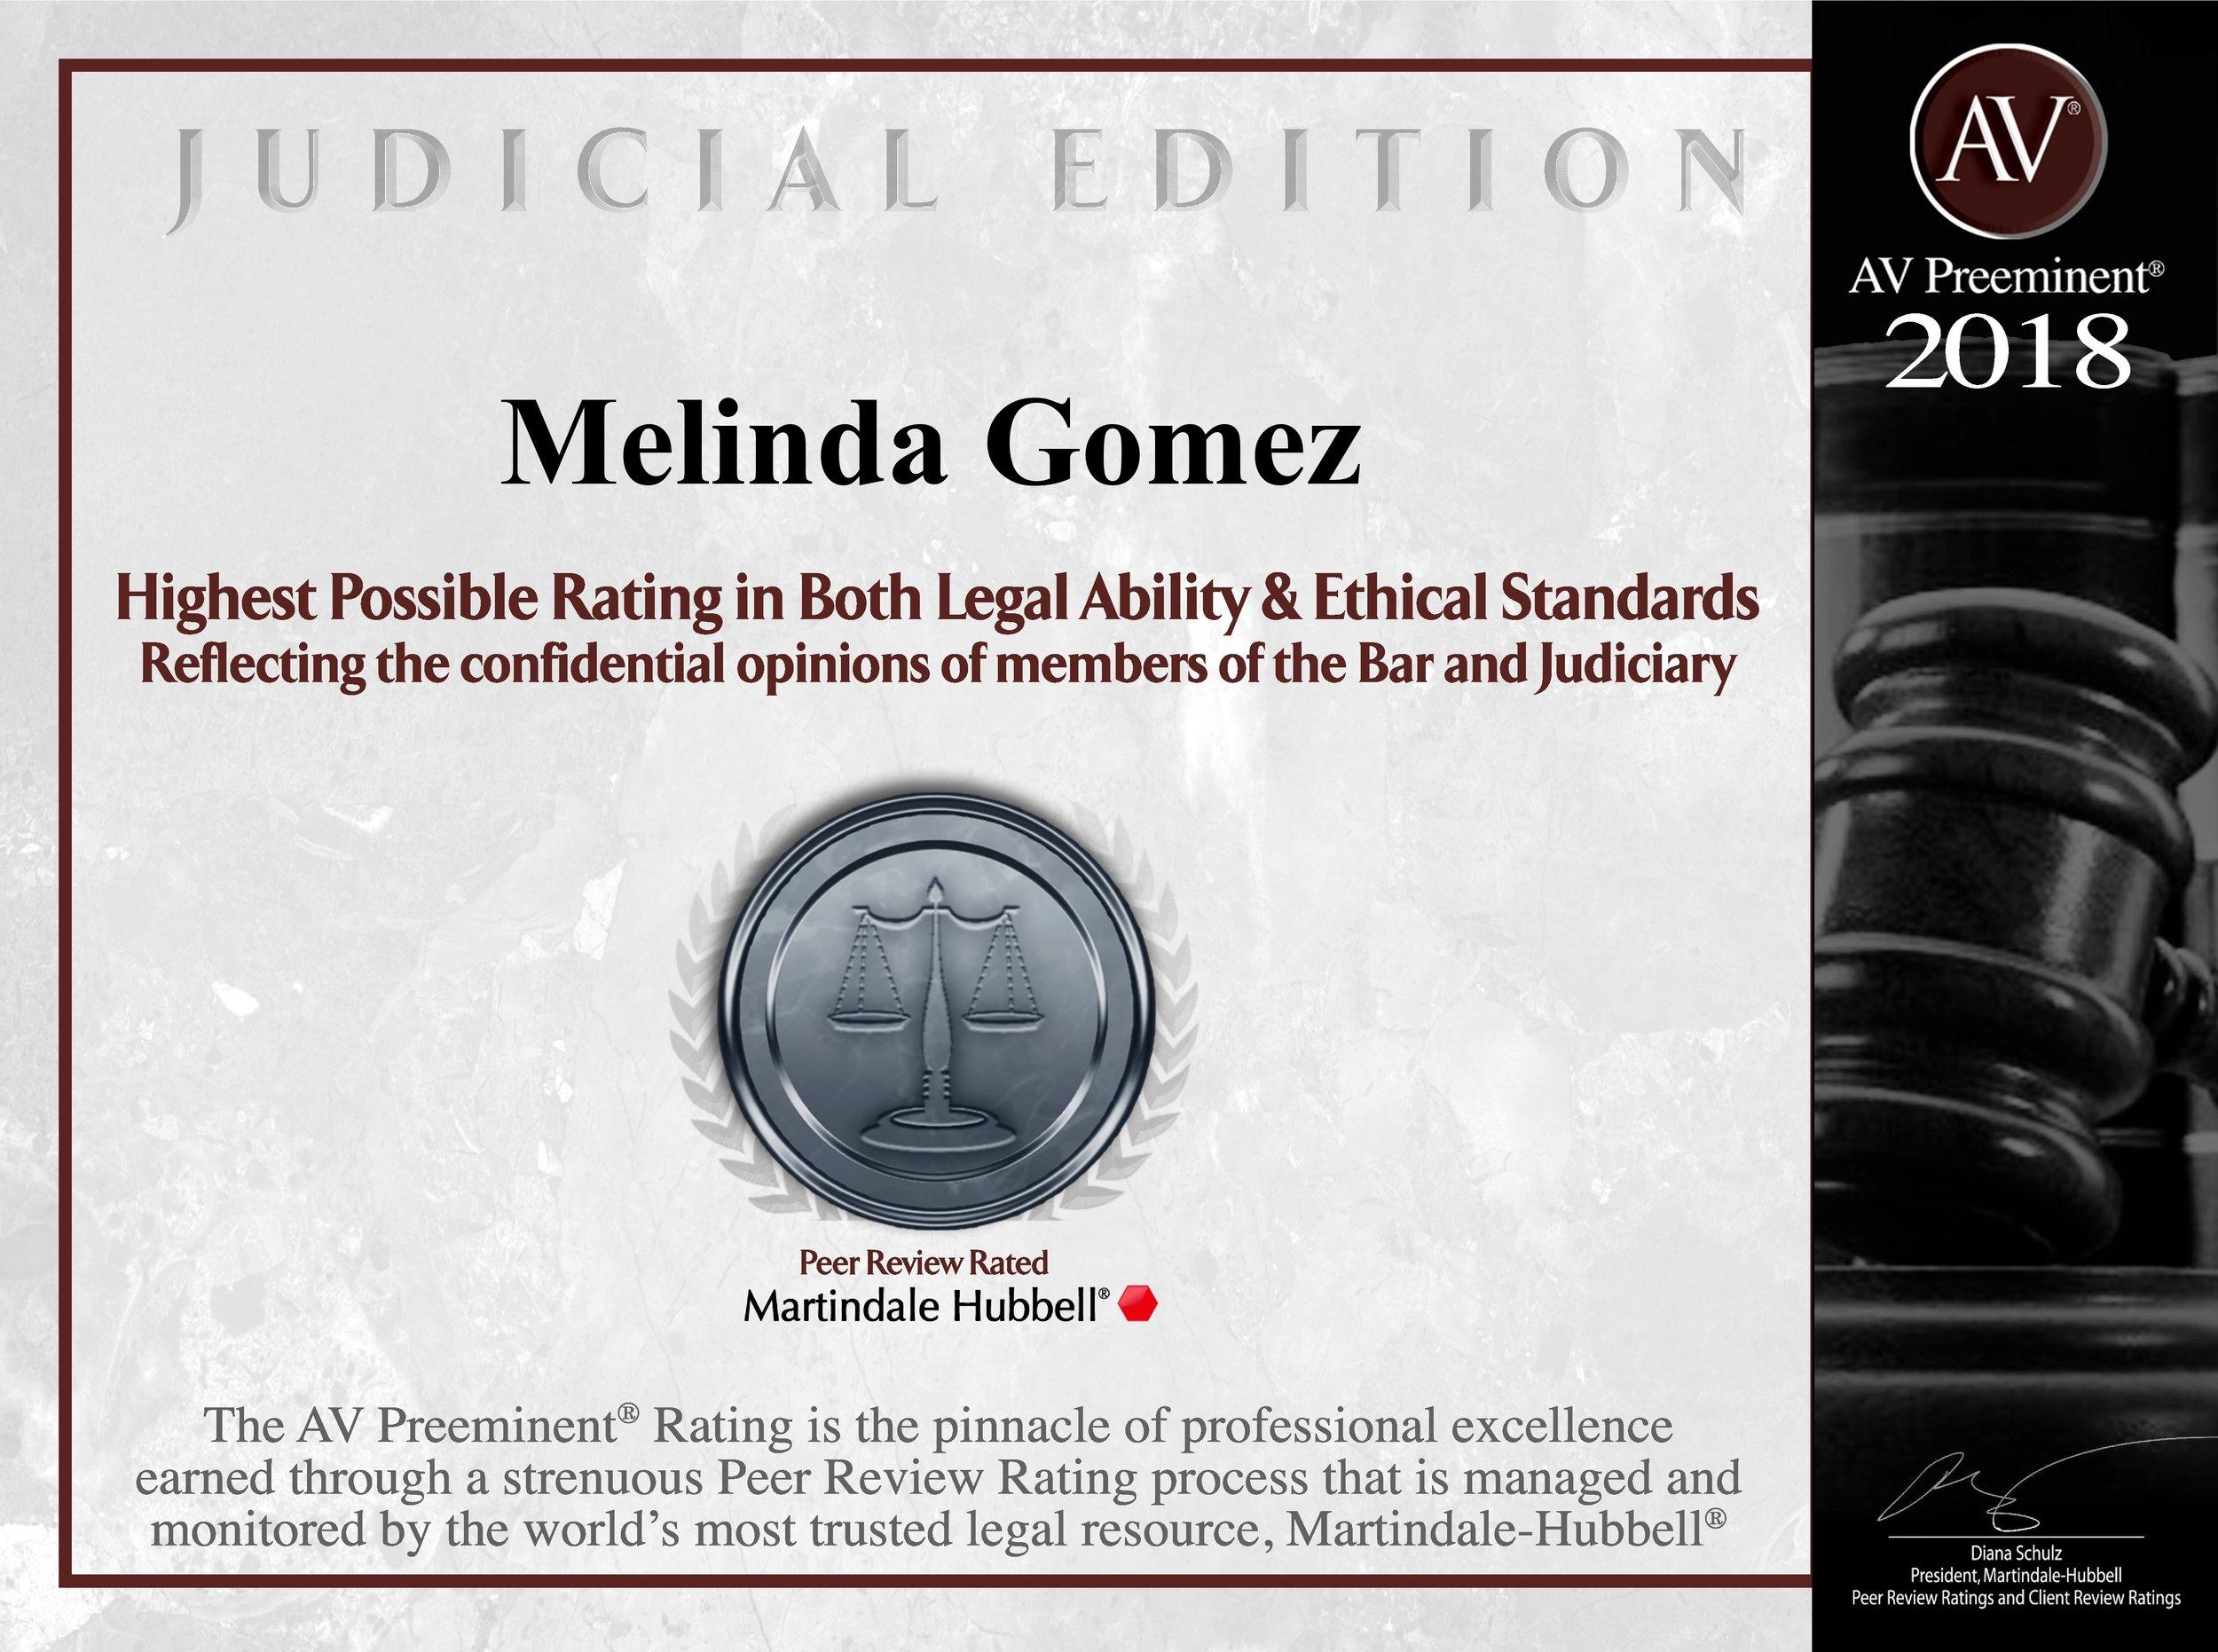 2018 Judicial Edition.jpg